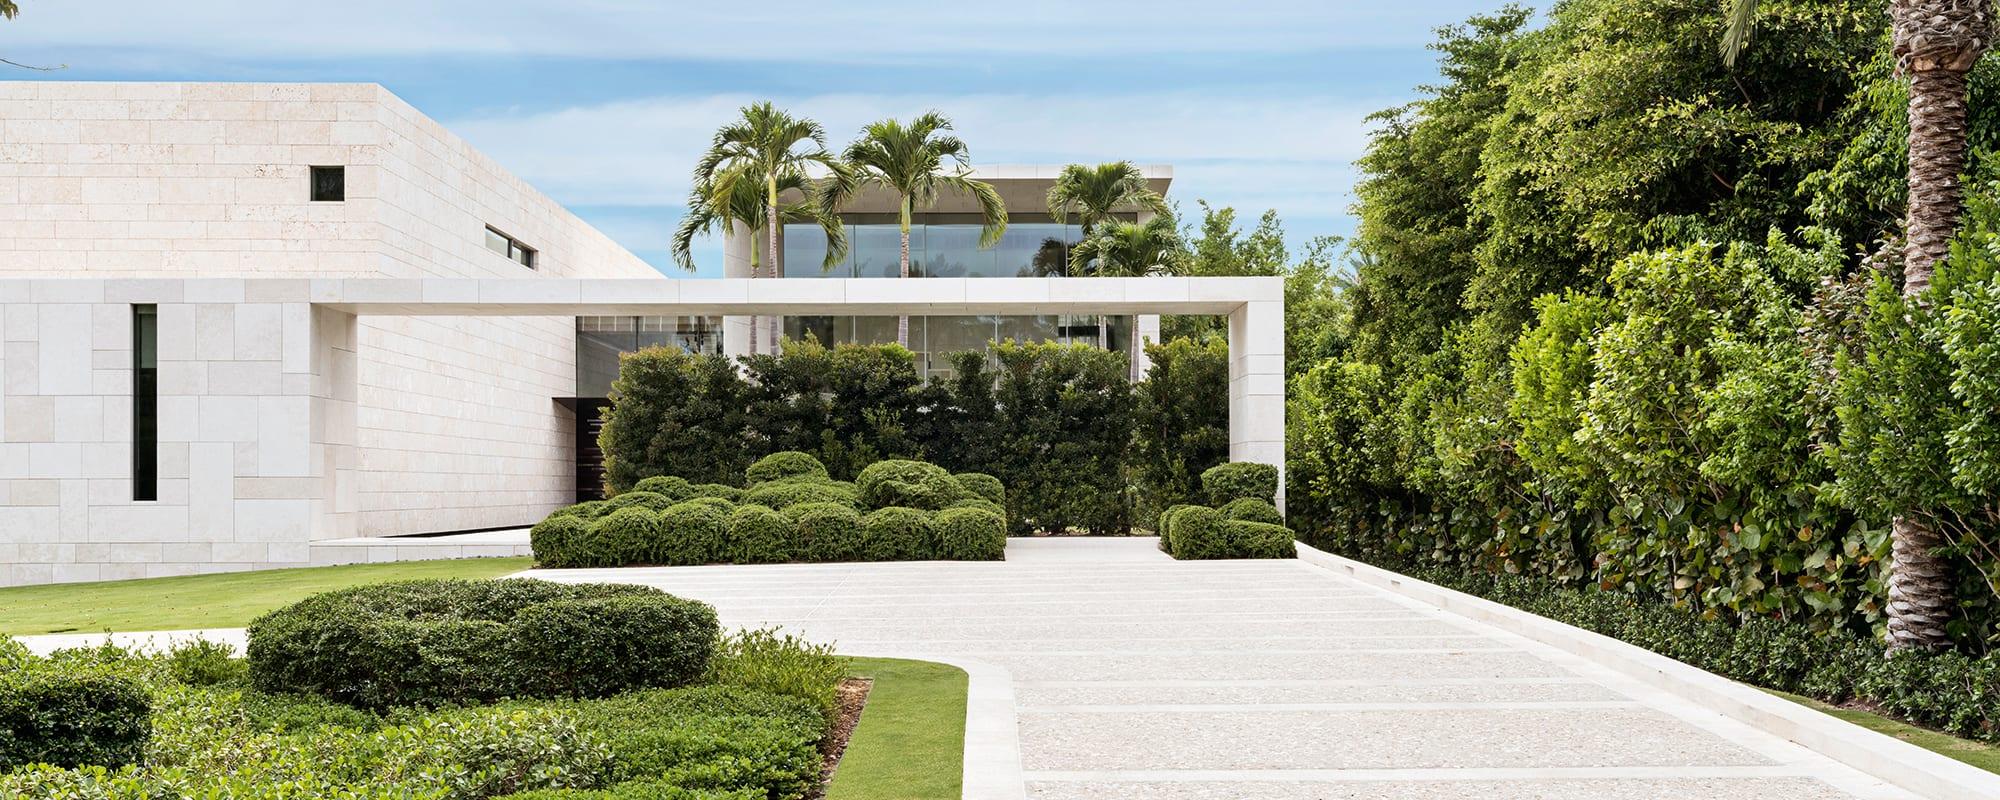 Peter Marino, Miami, Architecture